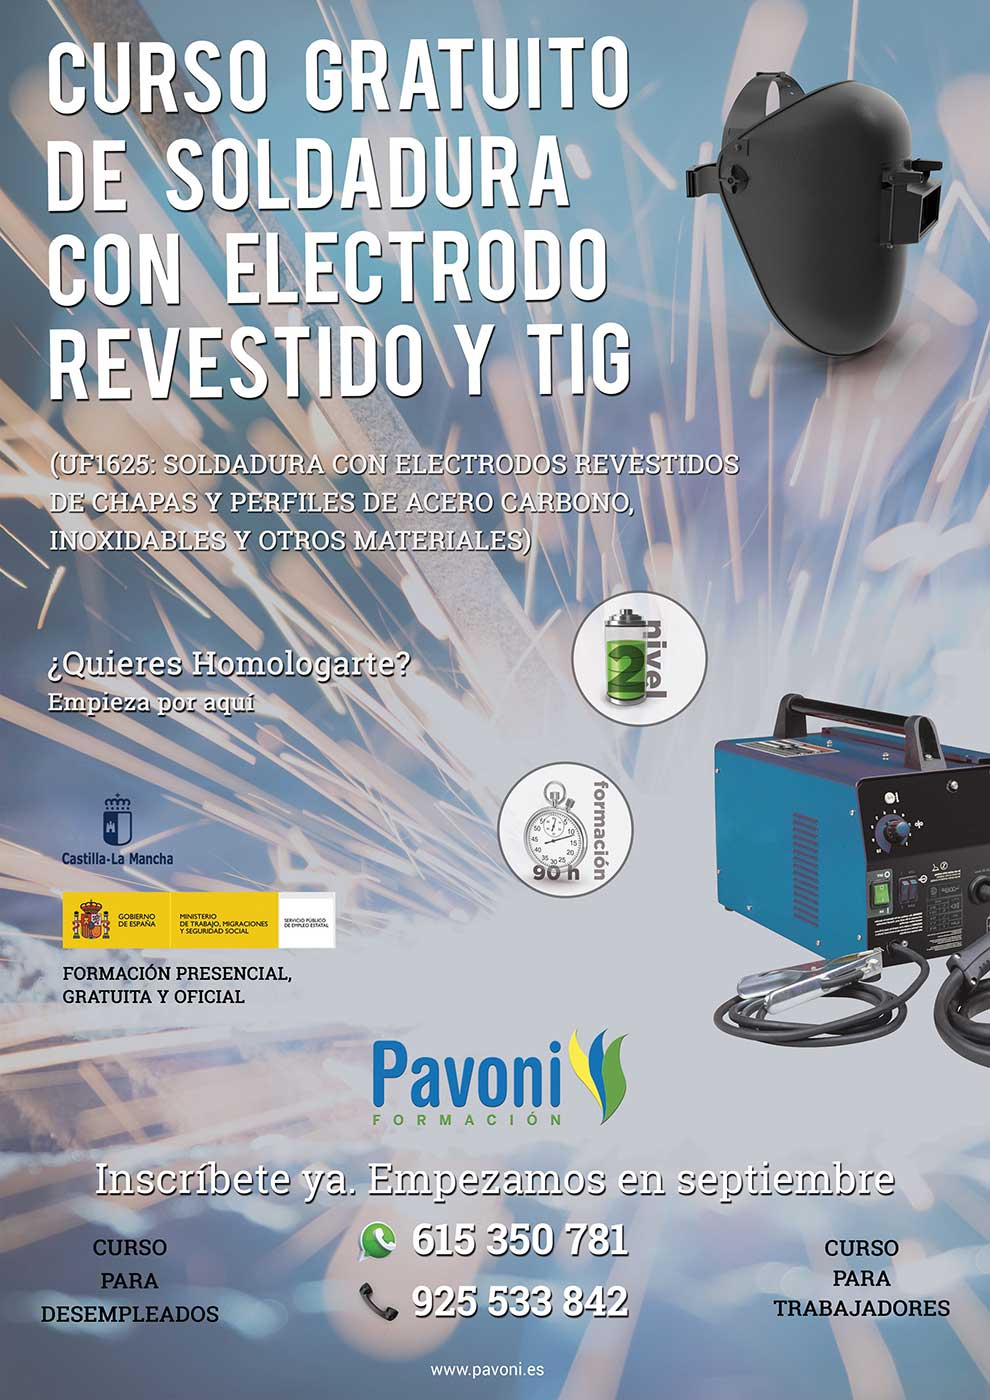 Curso gratuito de Soldadura con Electrodo Revestido y TIG